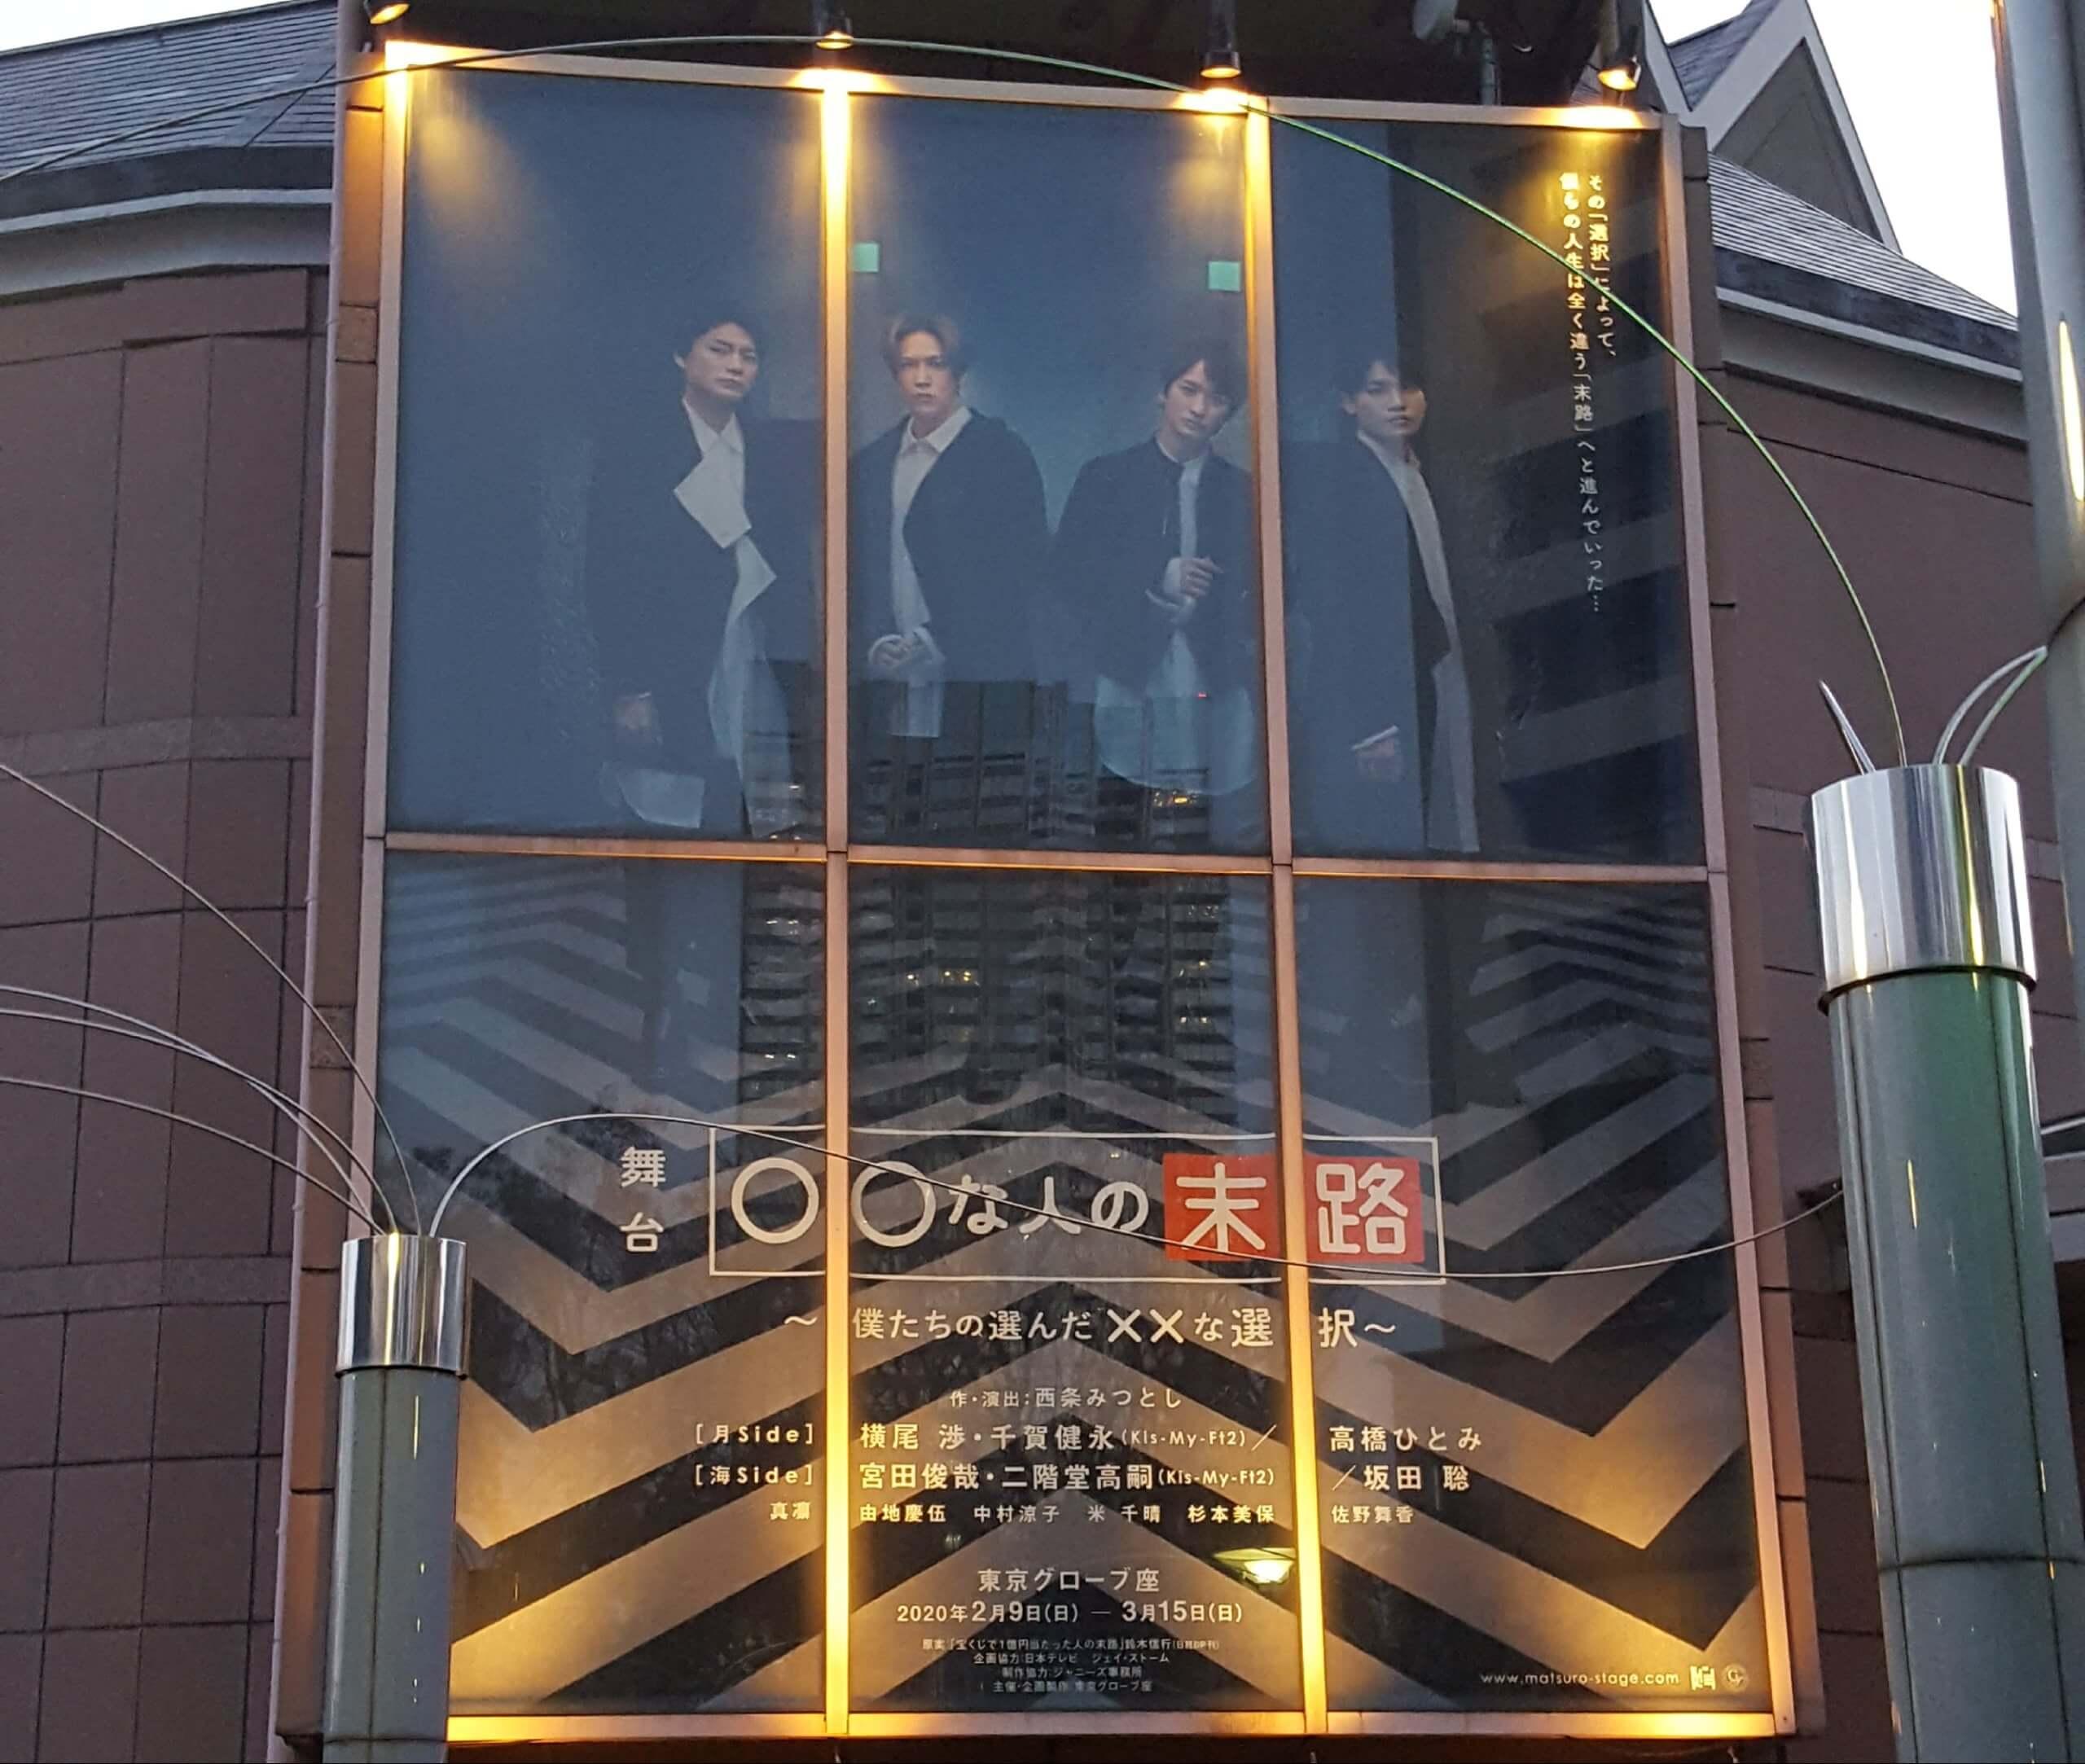 舞台【〇〇な人の末路~僕たちの選んだ✕✕な選択~】月公演観ました(*≧∀≦)